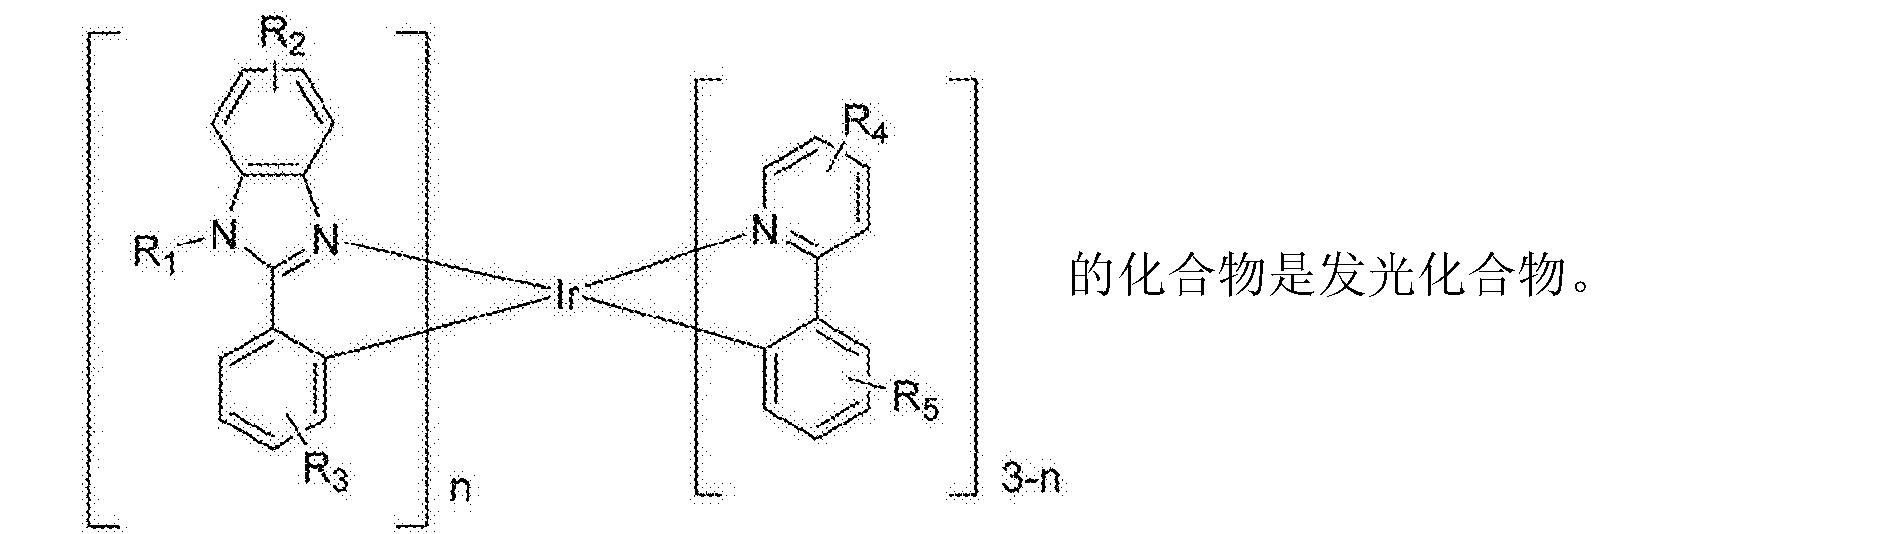 Figure CN103396455BC00072